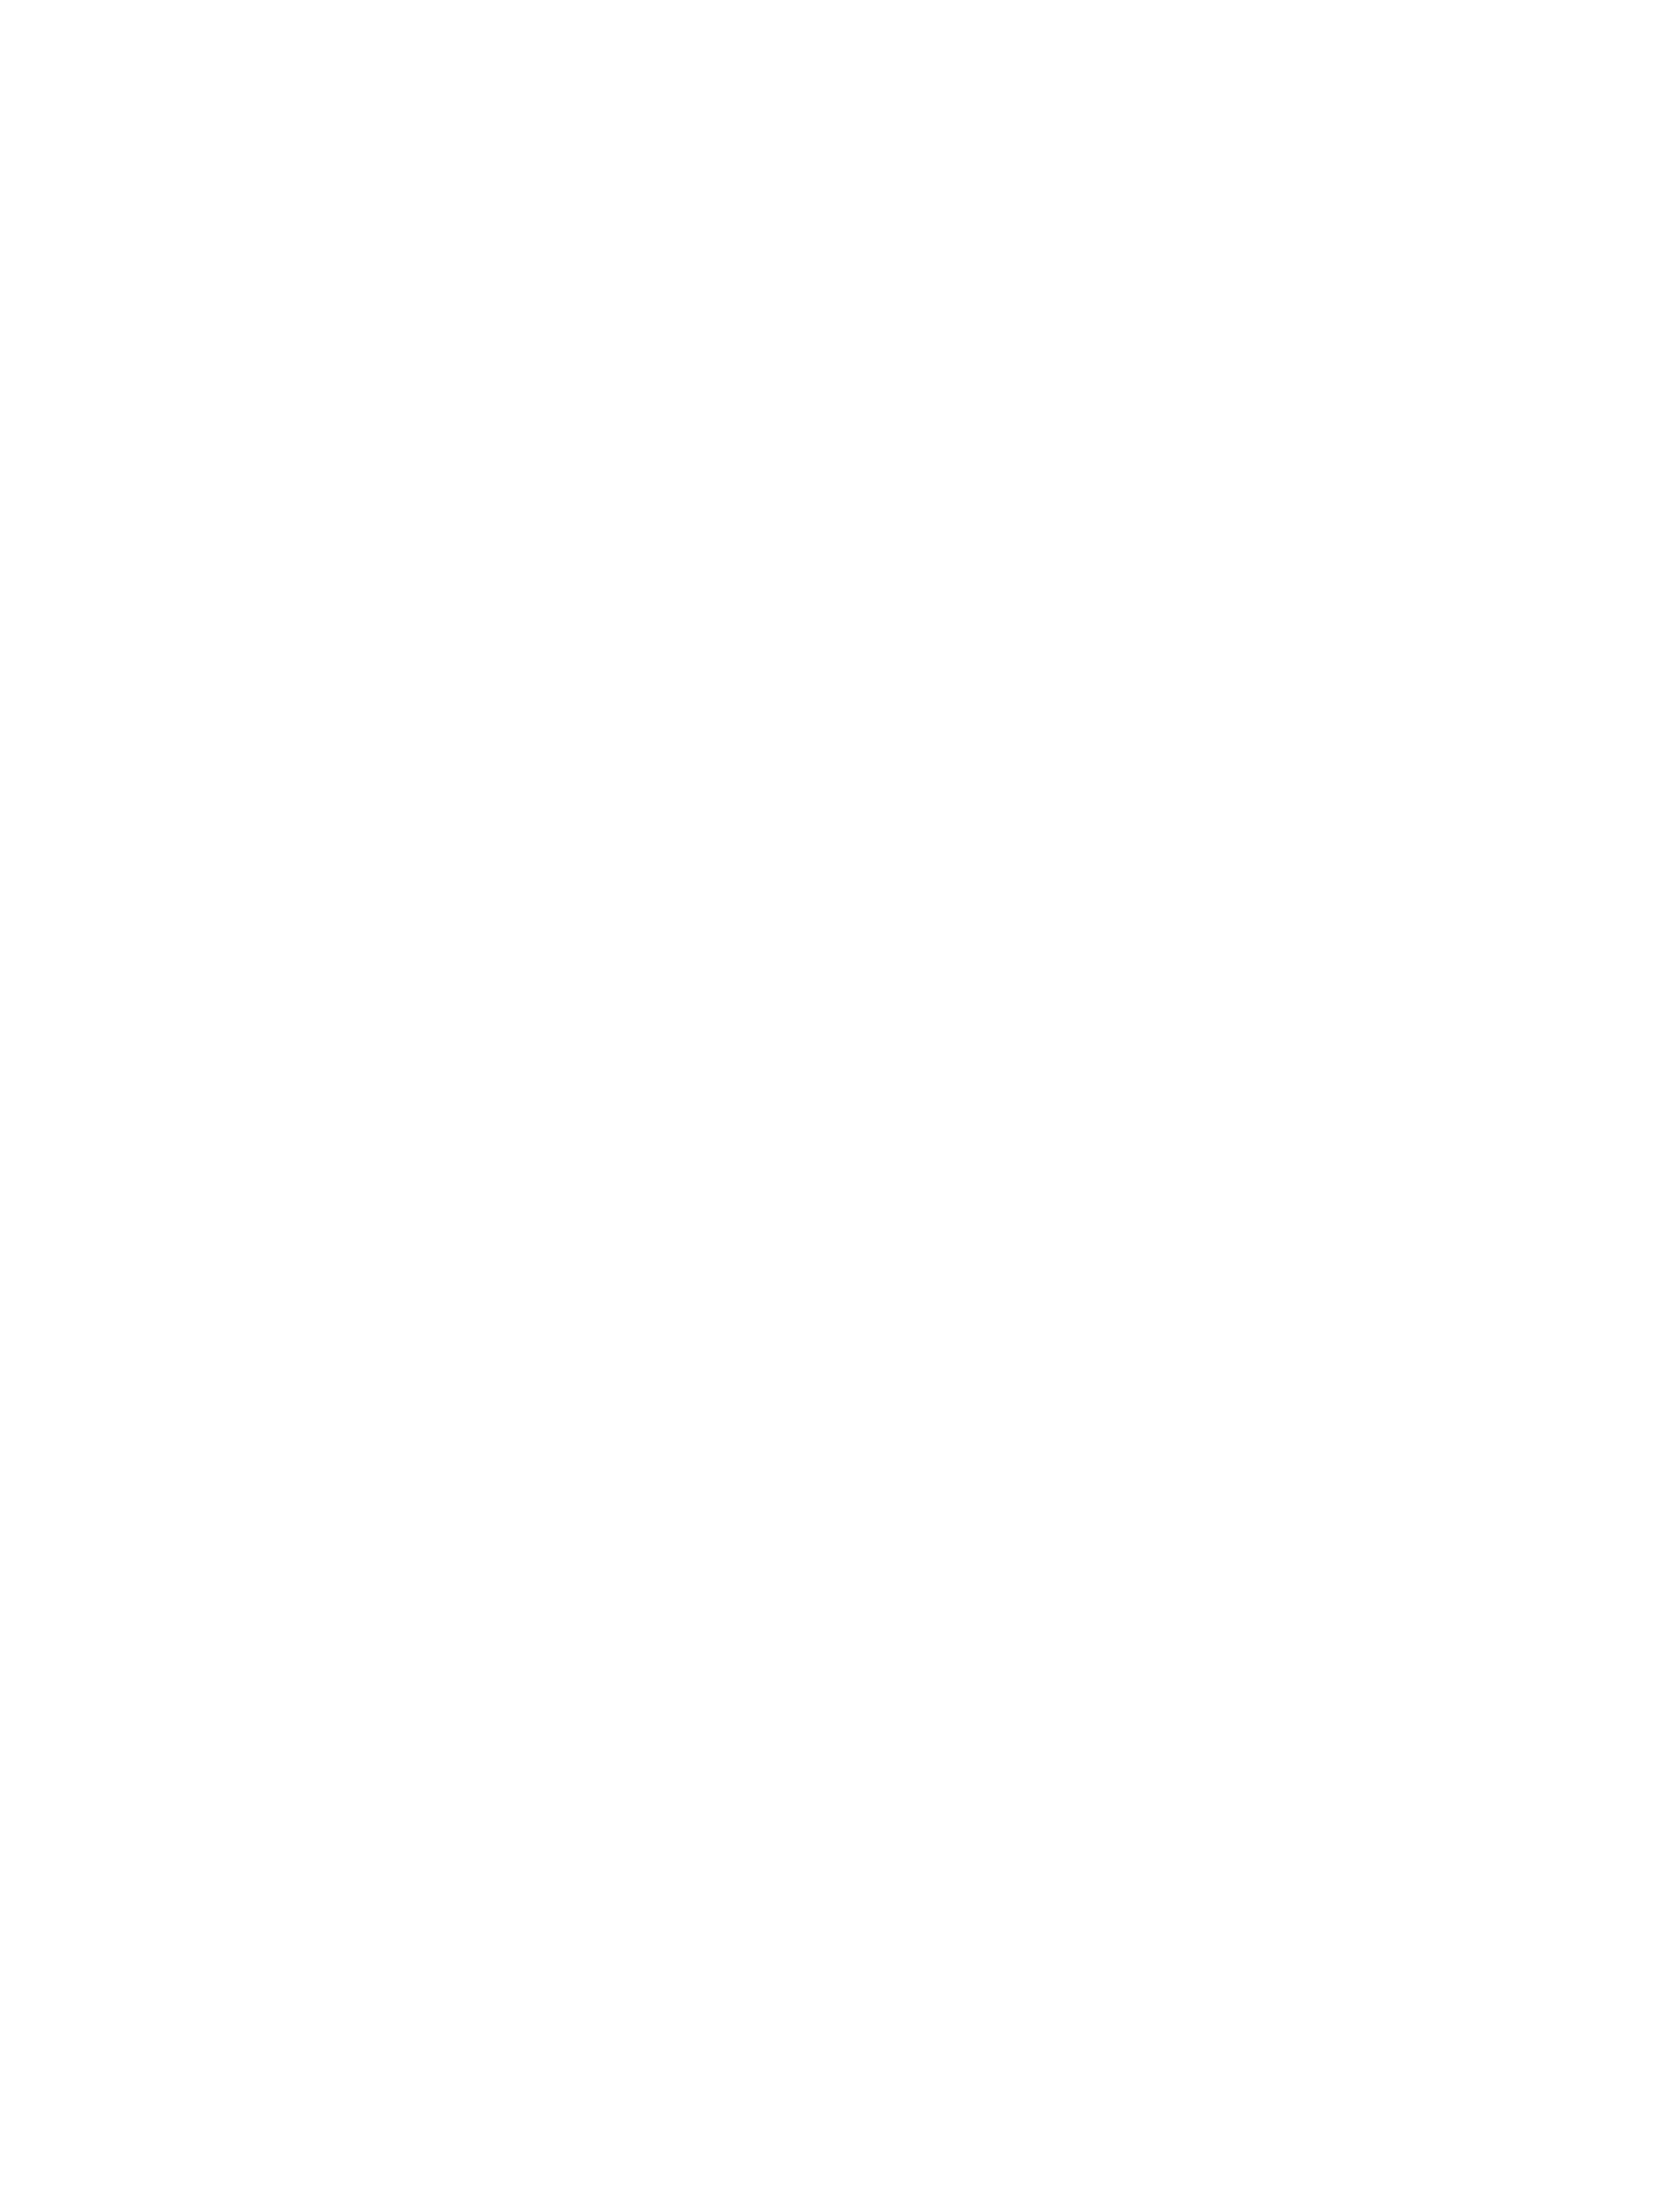 А. Г. Мерников, В. М. Жабцев, Д. И. Ермакович Большая детская энциклопедия в вопросах и ответах ермакович д жабцев в что зачем почему